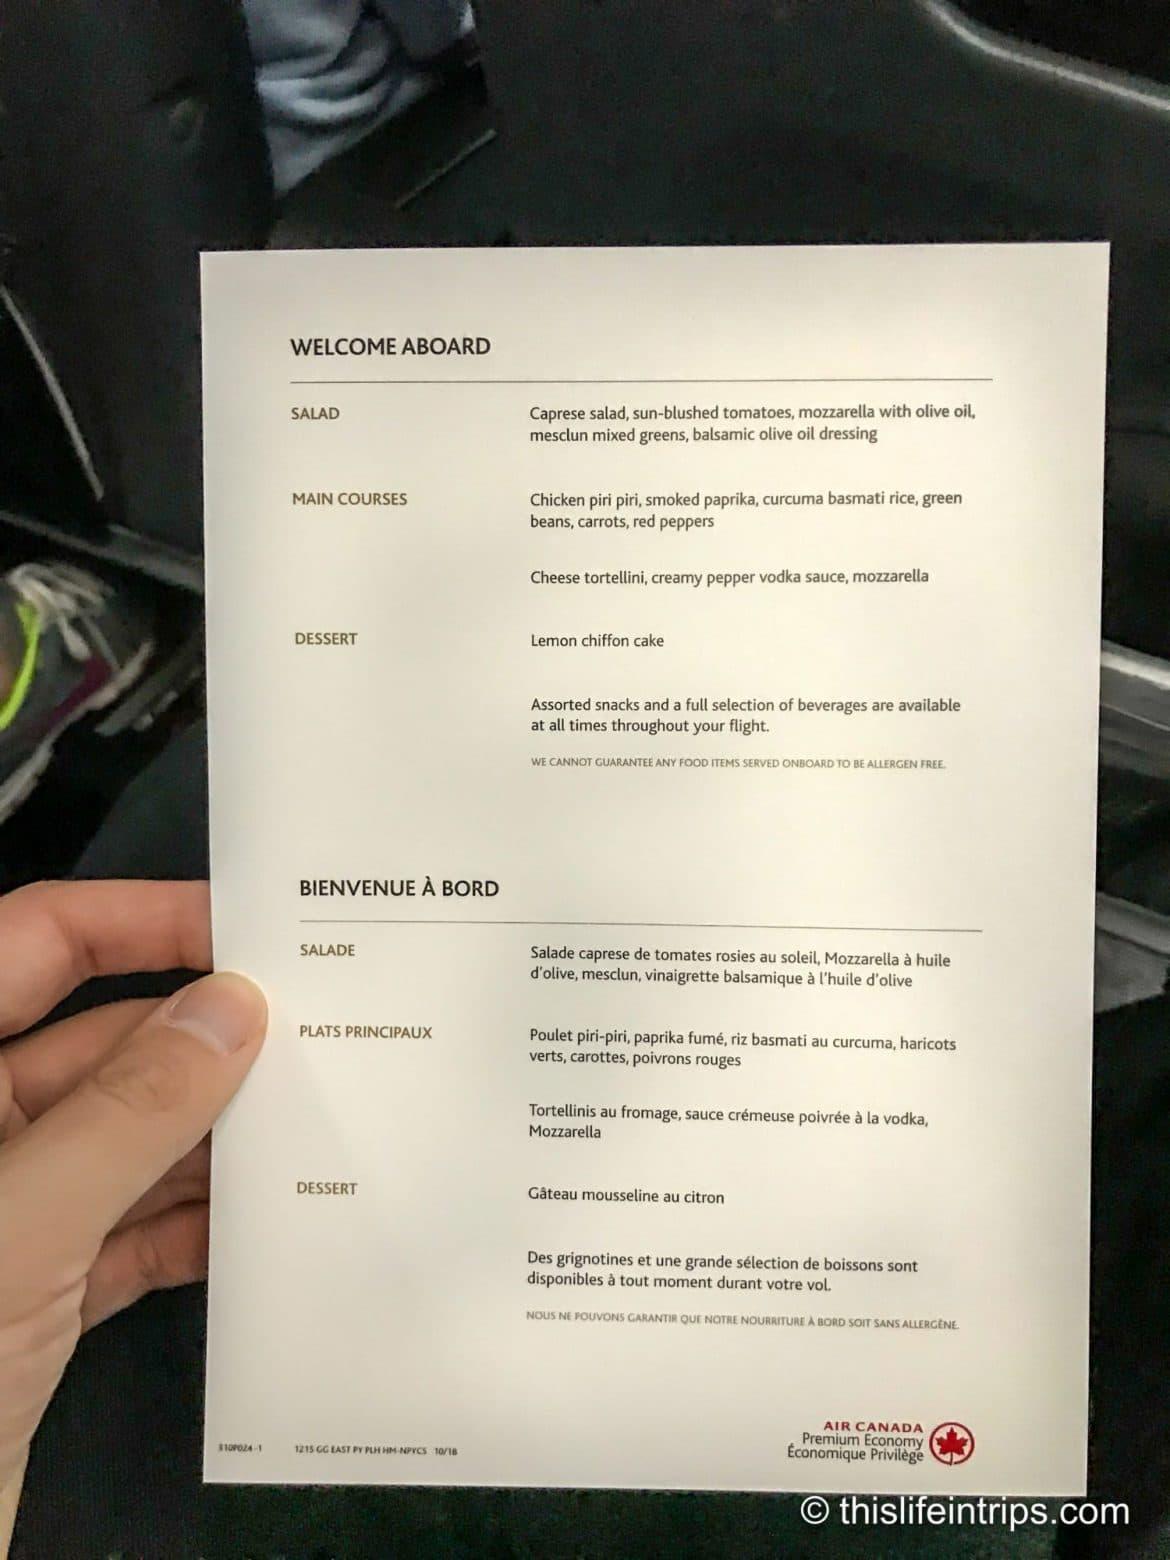 Is Air Canada Premium Economy Worth it?